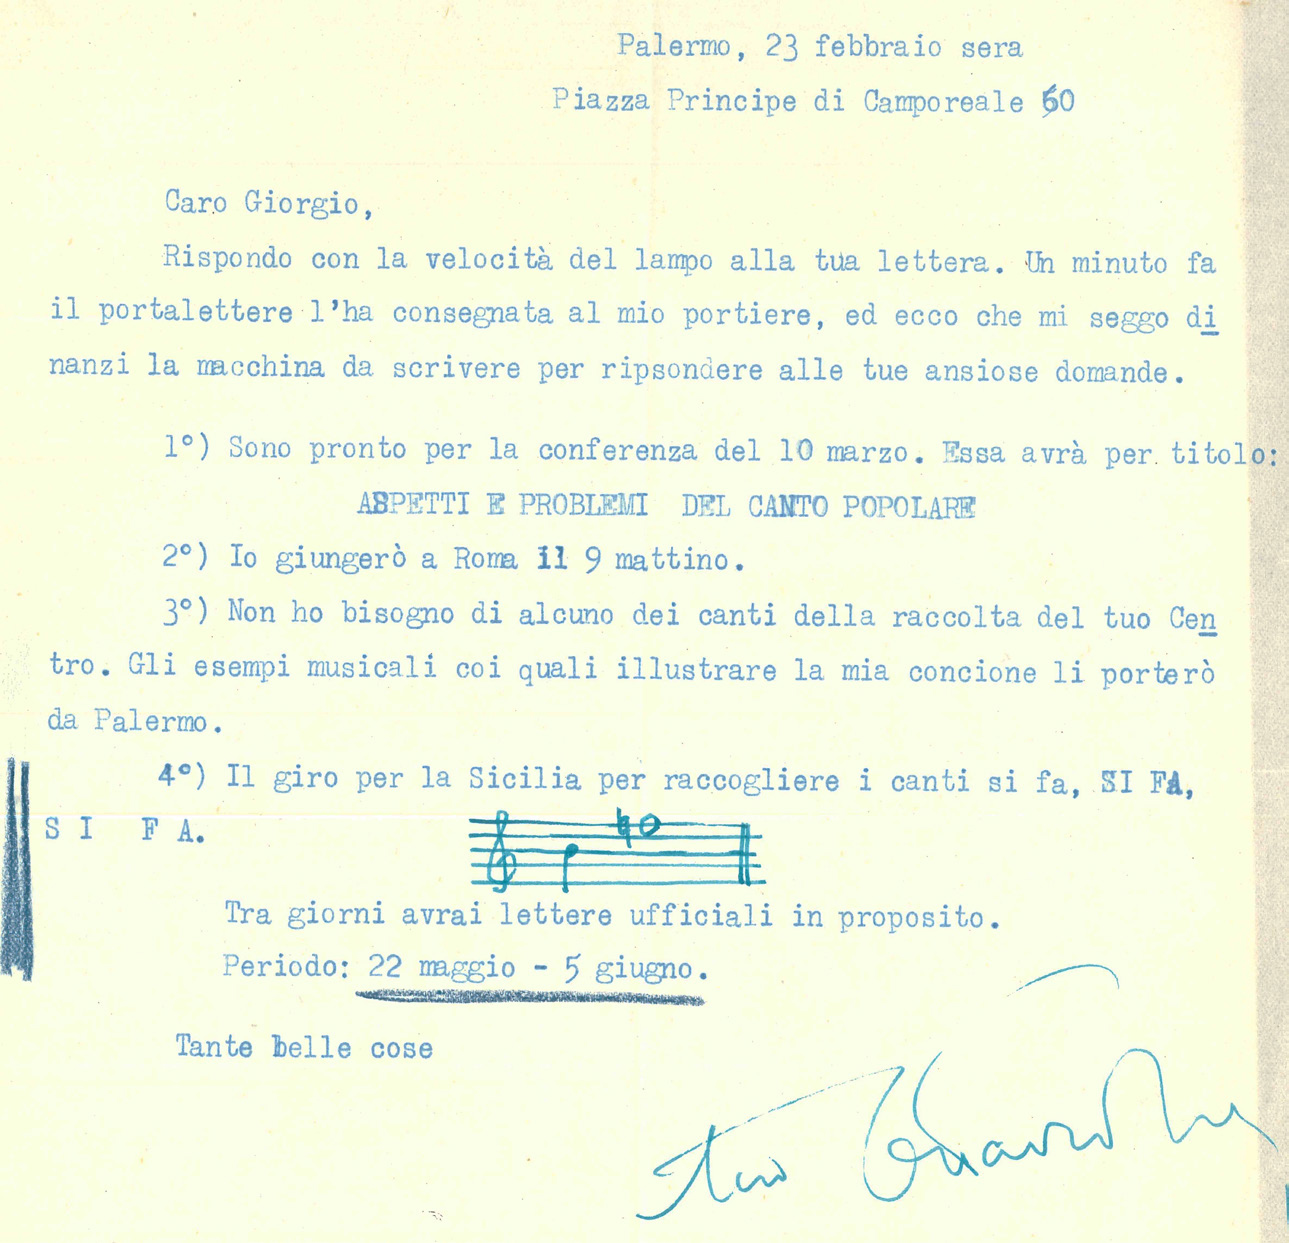 Lettera del 23 febbraio 1955 di Ottavio Tiby a Giorgio Nataletti